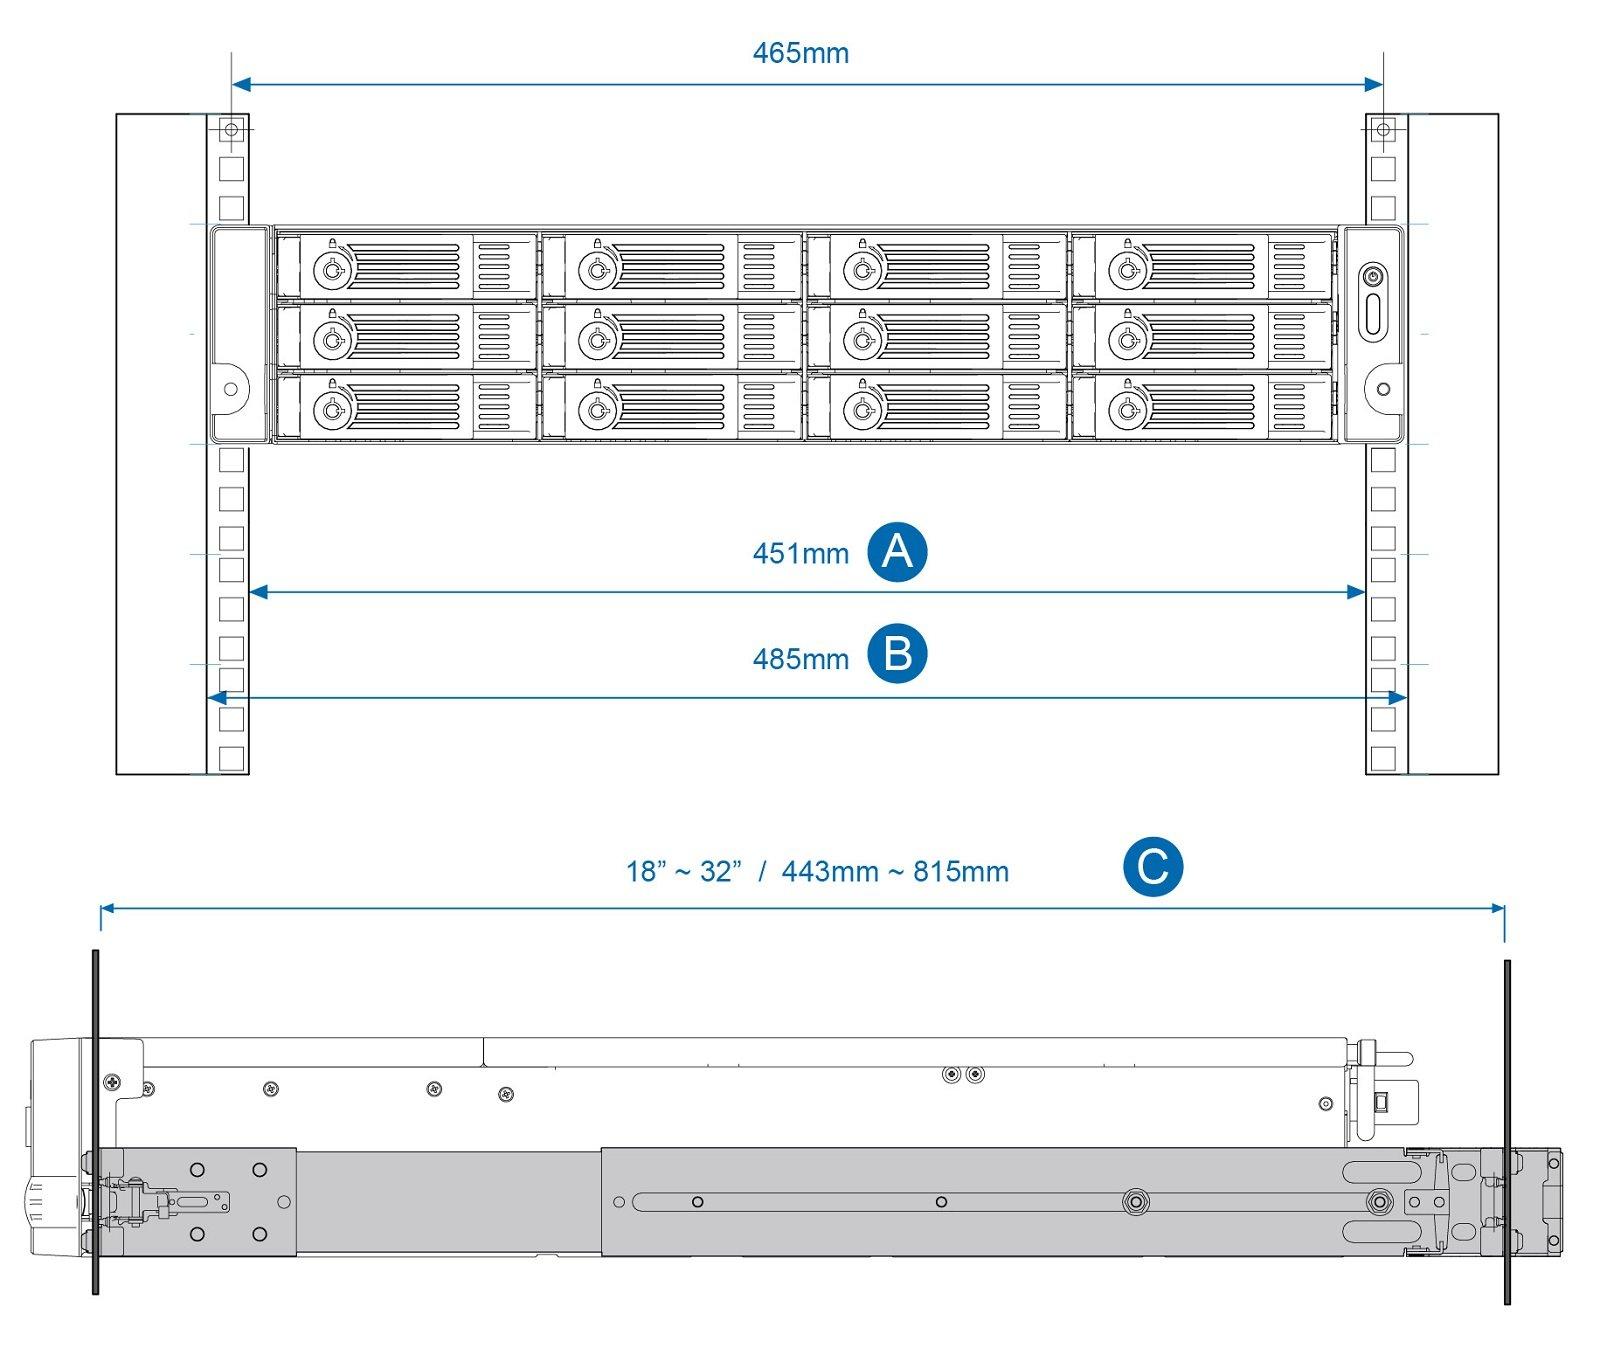 QNAP Qnap 2U Rail Kit (RAIL-B02) by QNAP